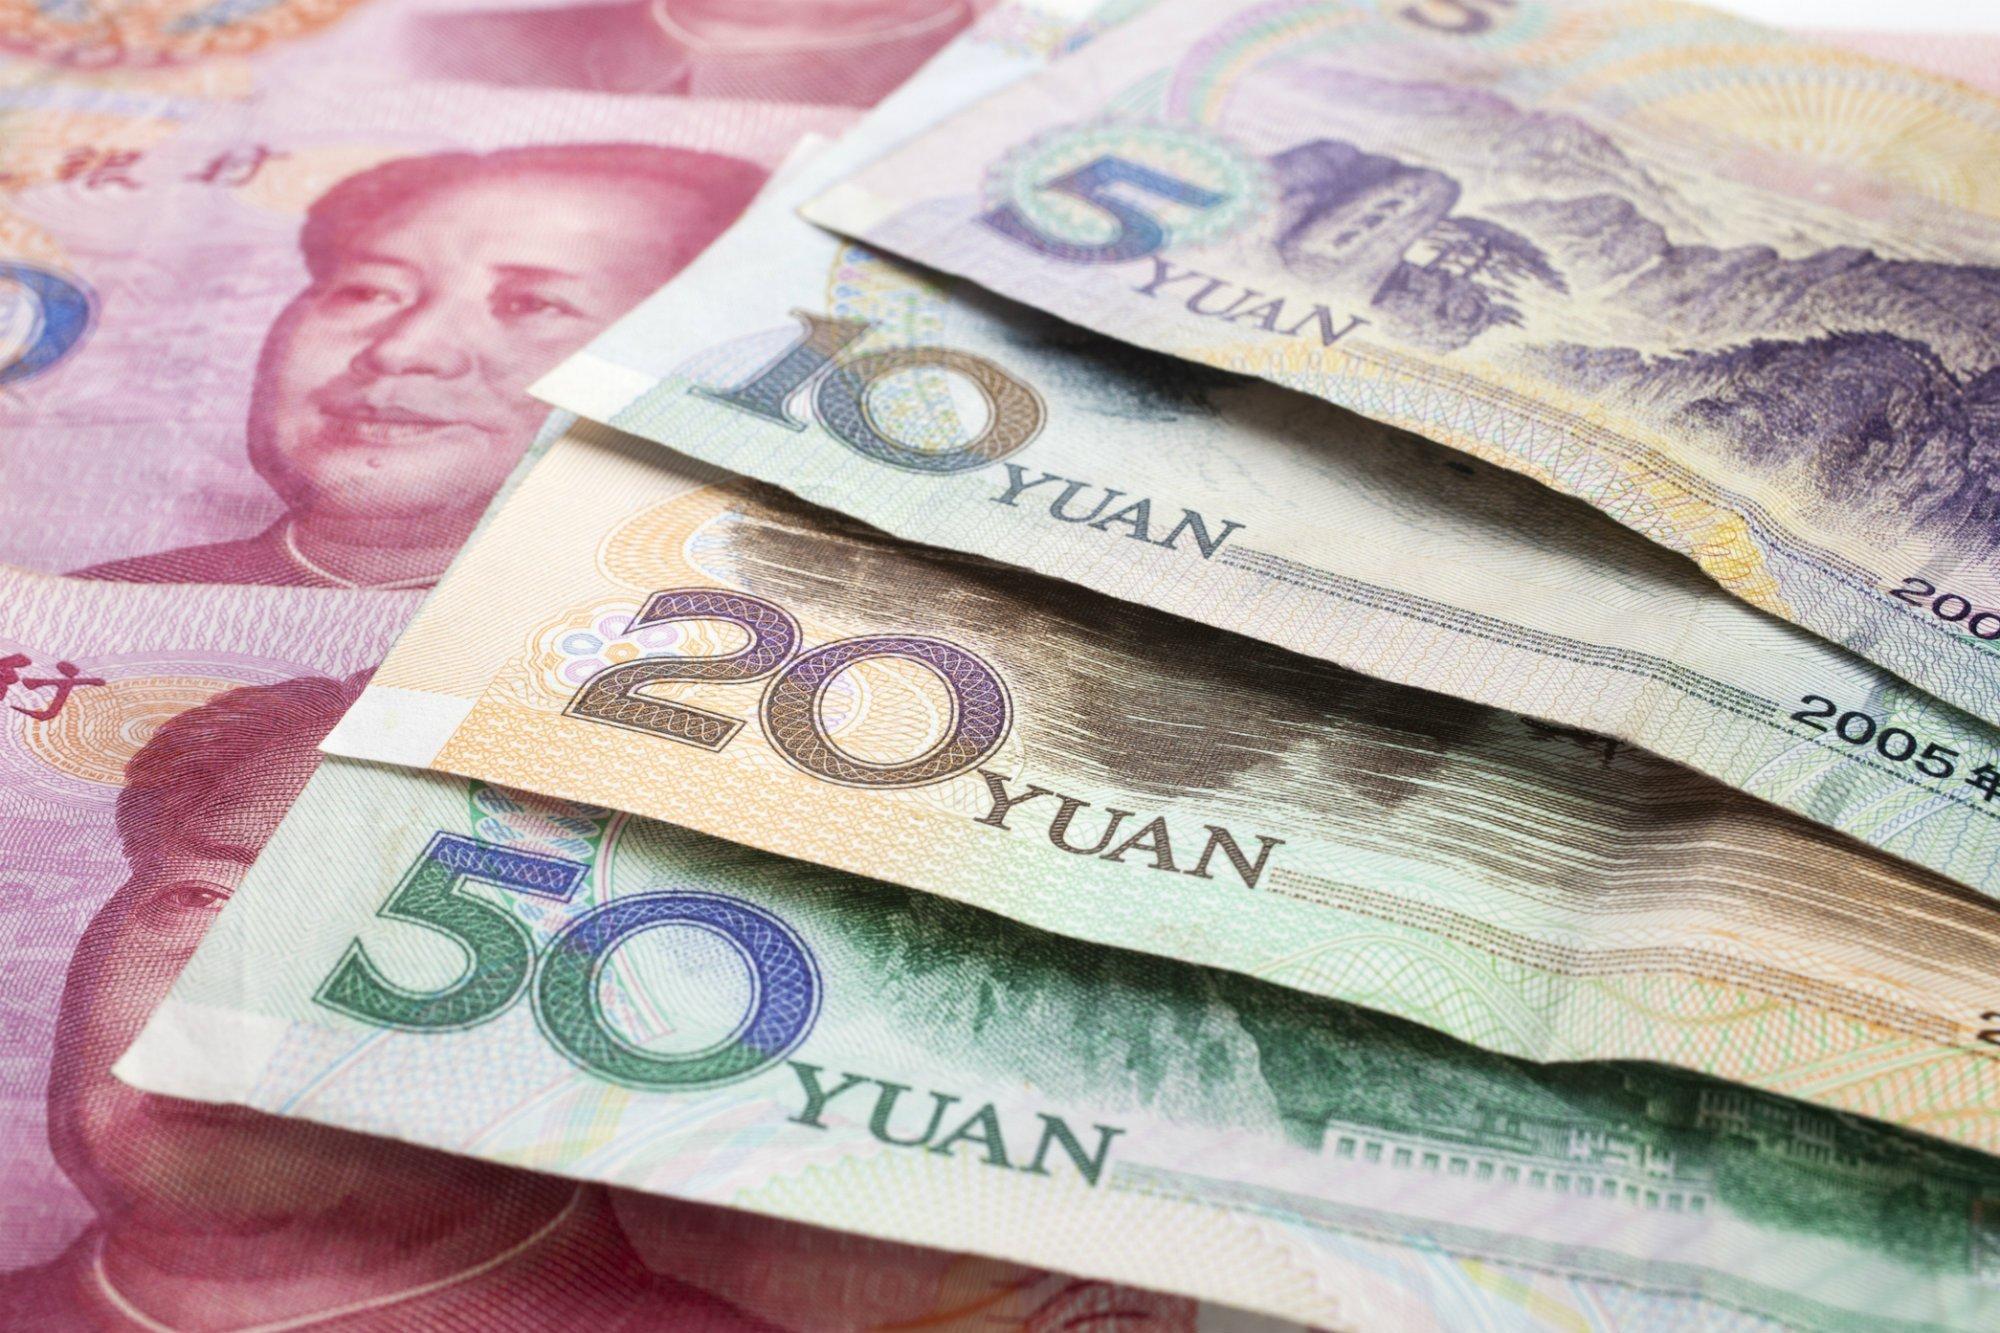 Các mệnh giá tiền RMB phổ biến